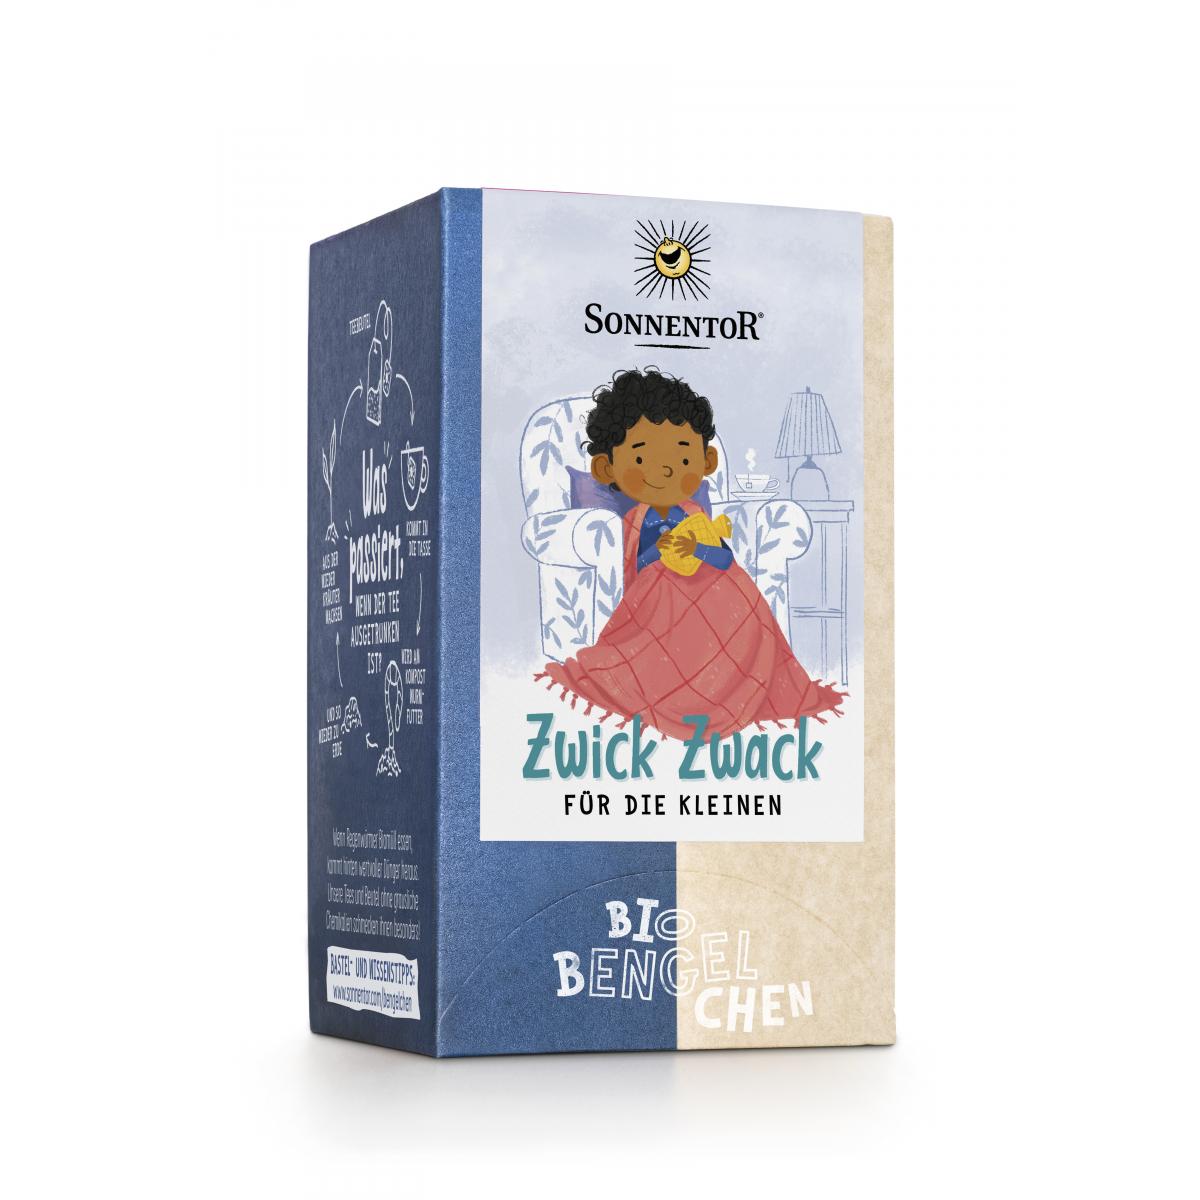 Zwick Zwack für die Kleinen Tee Bio-Bengelchen